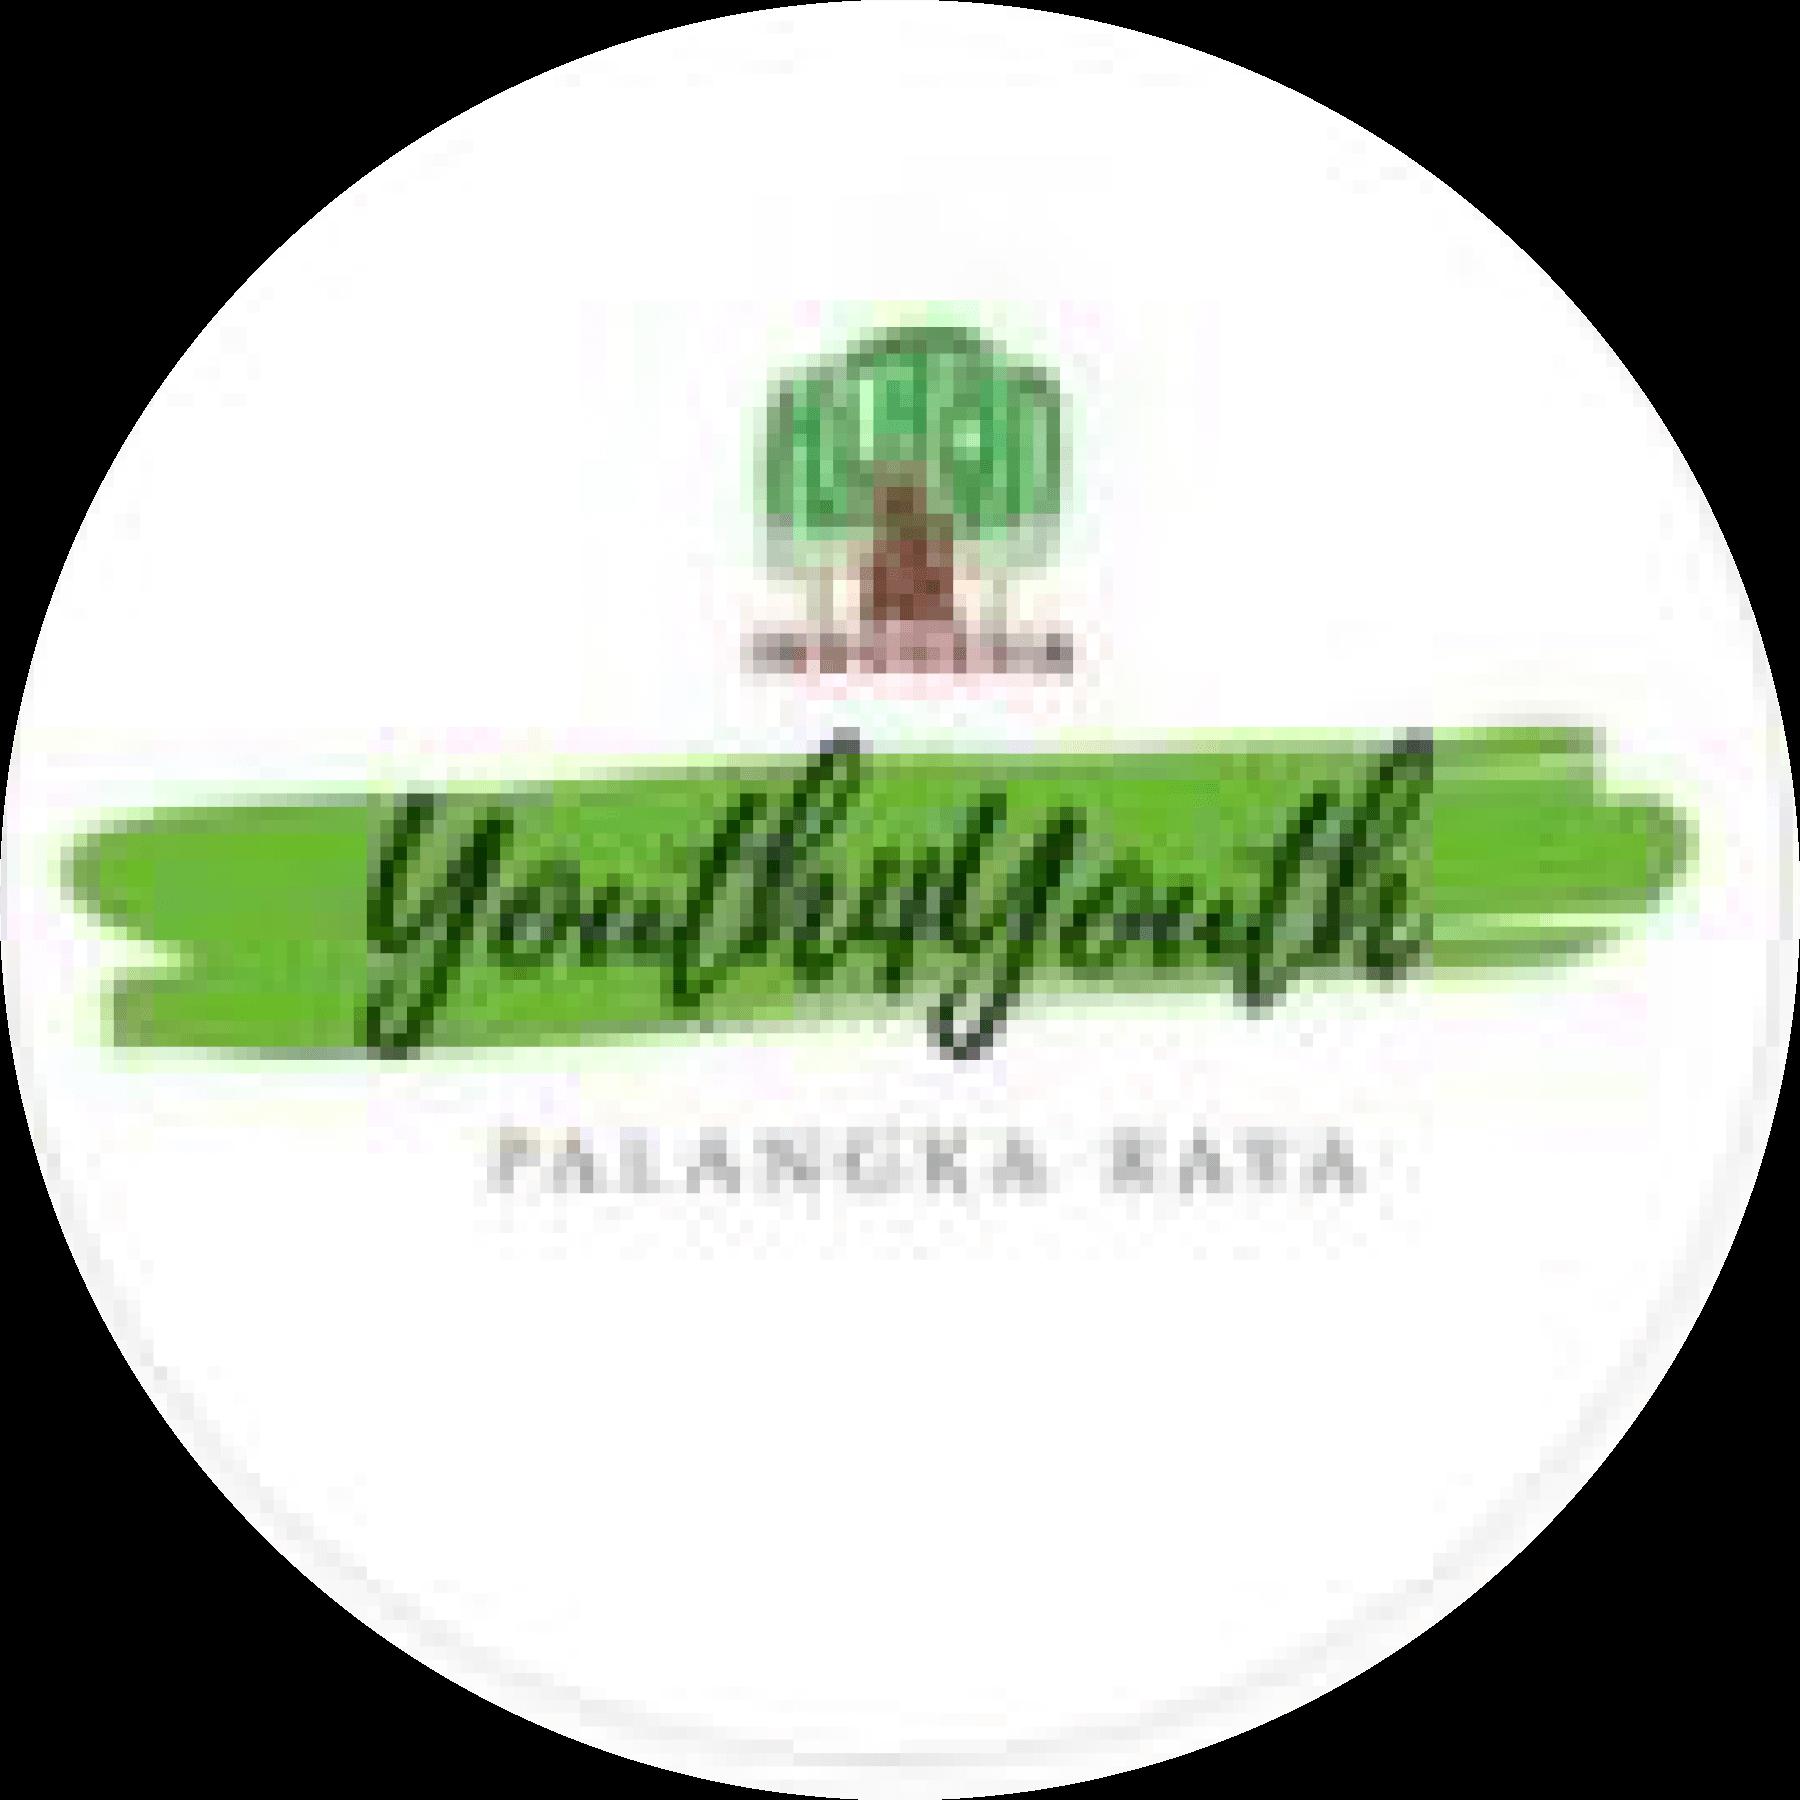 Youth4youth palangkaraya